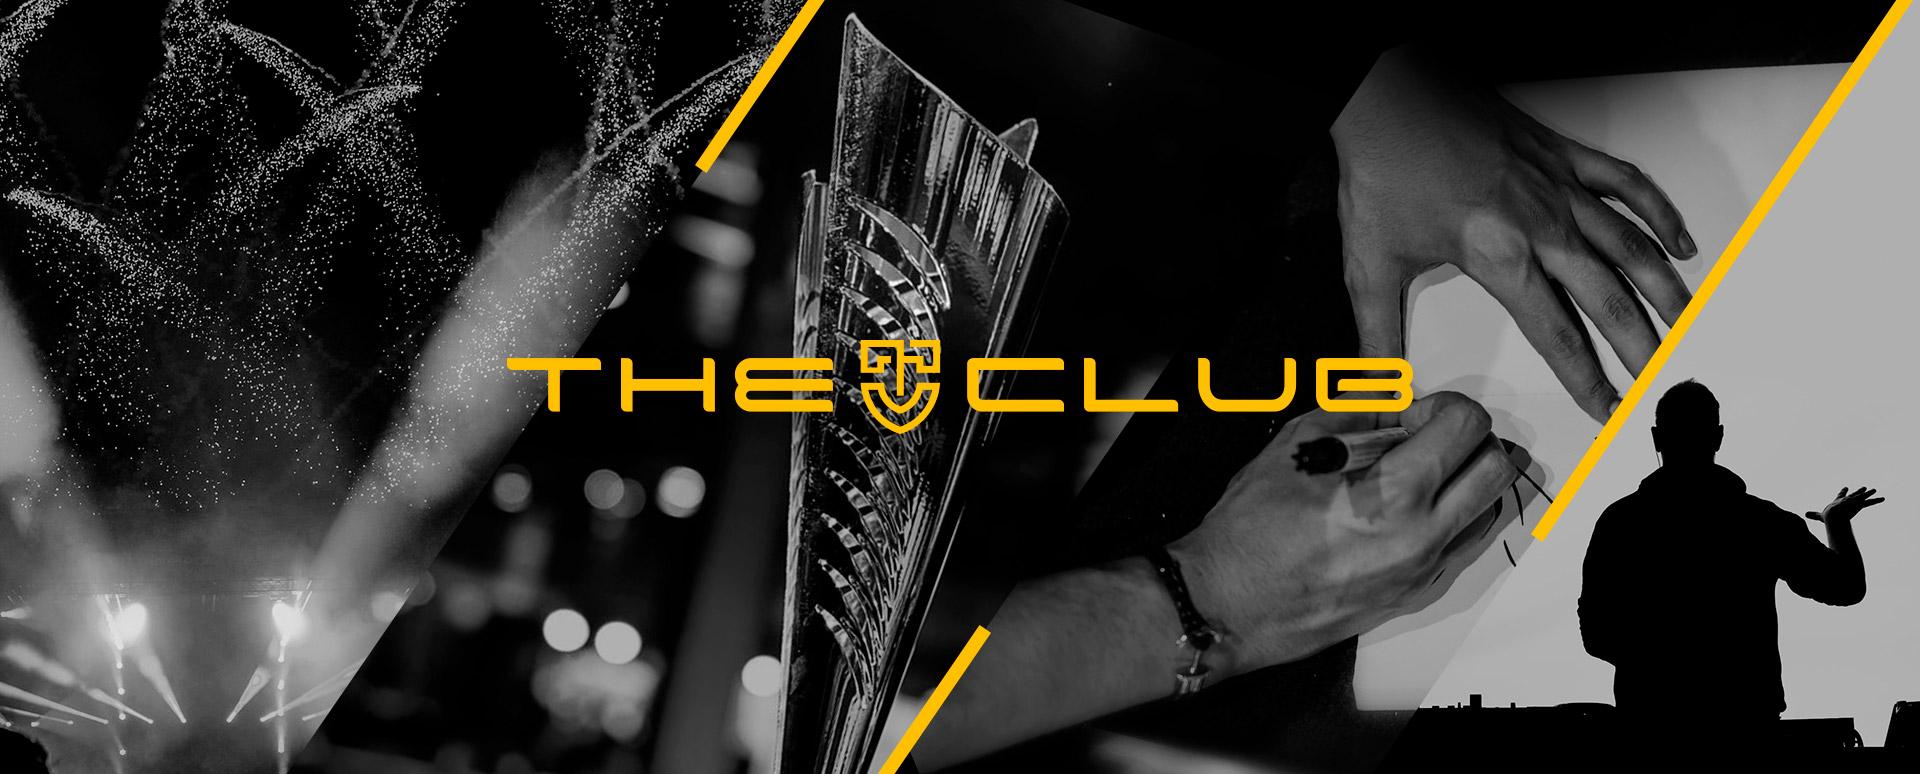 Nace un nuevo evento llamado The Club